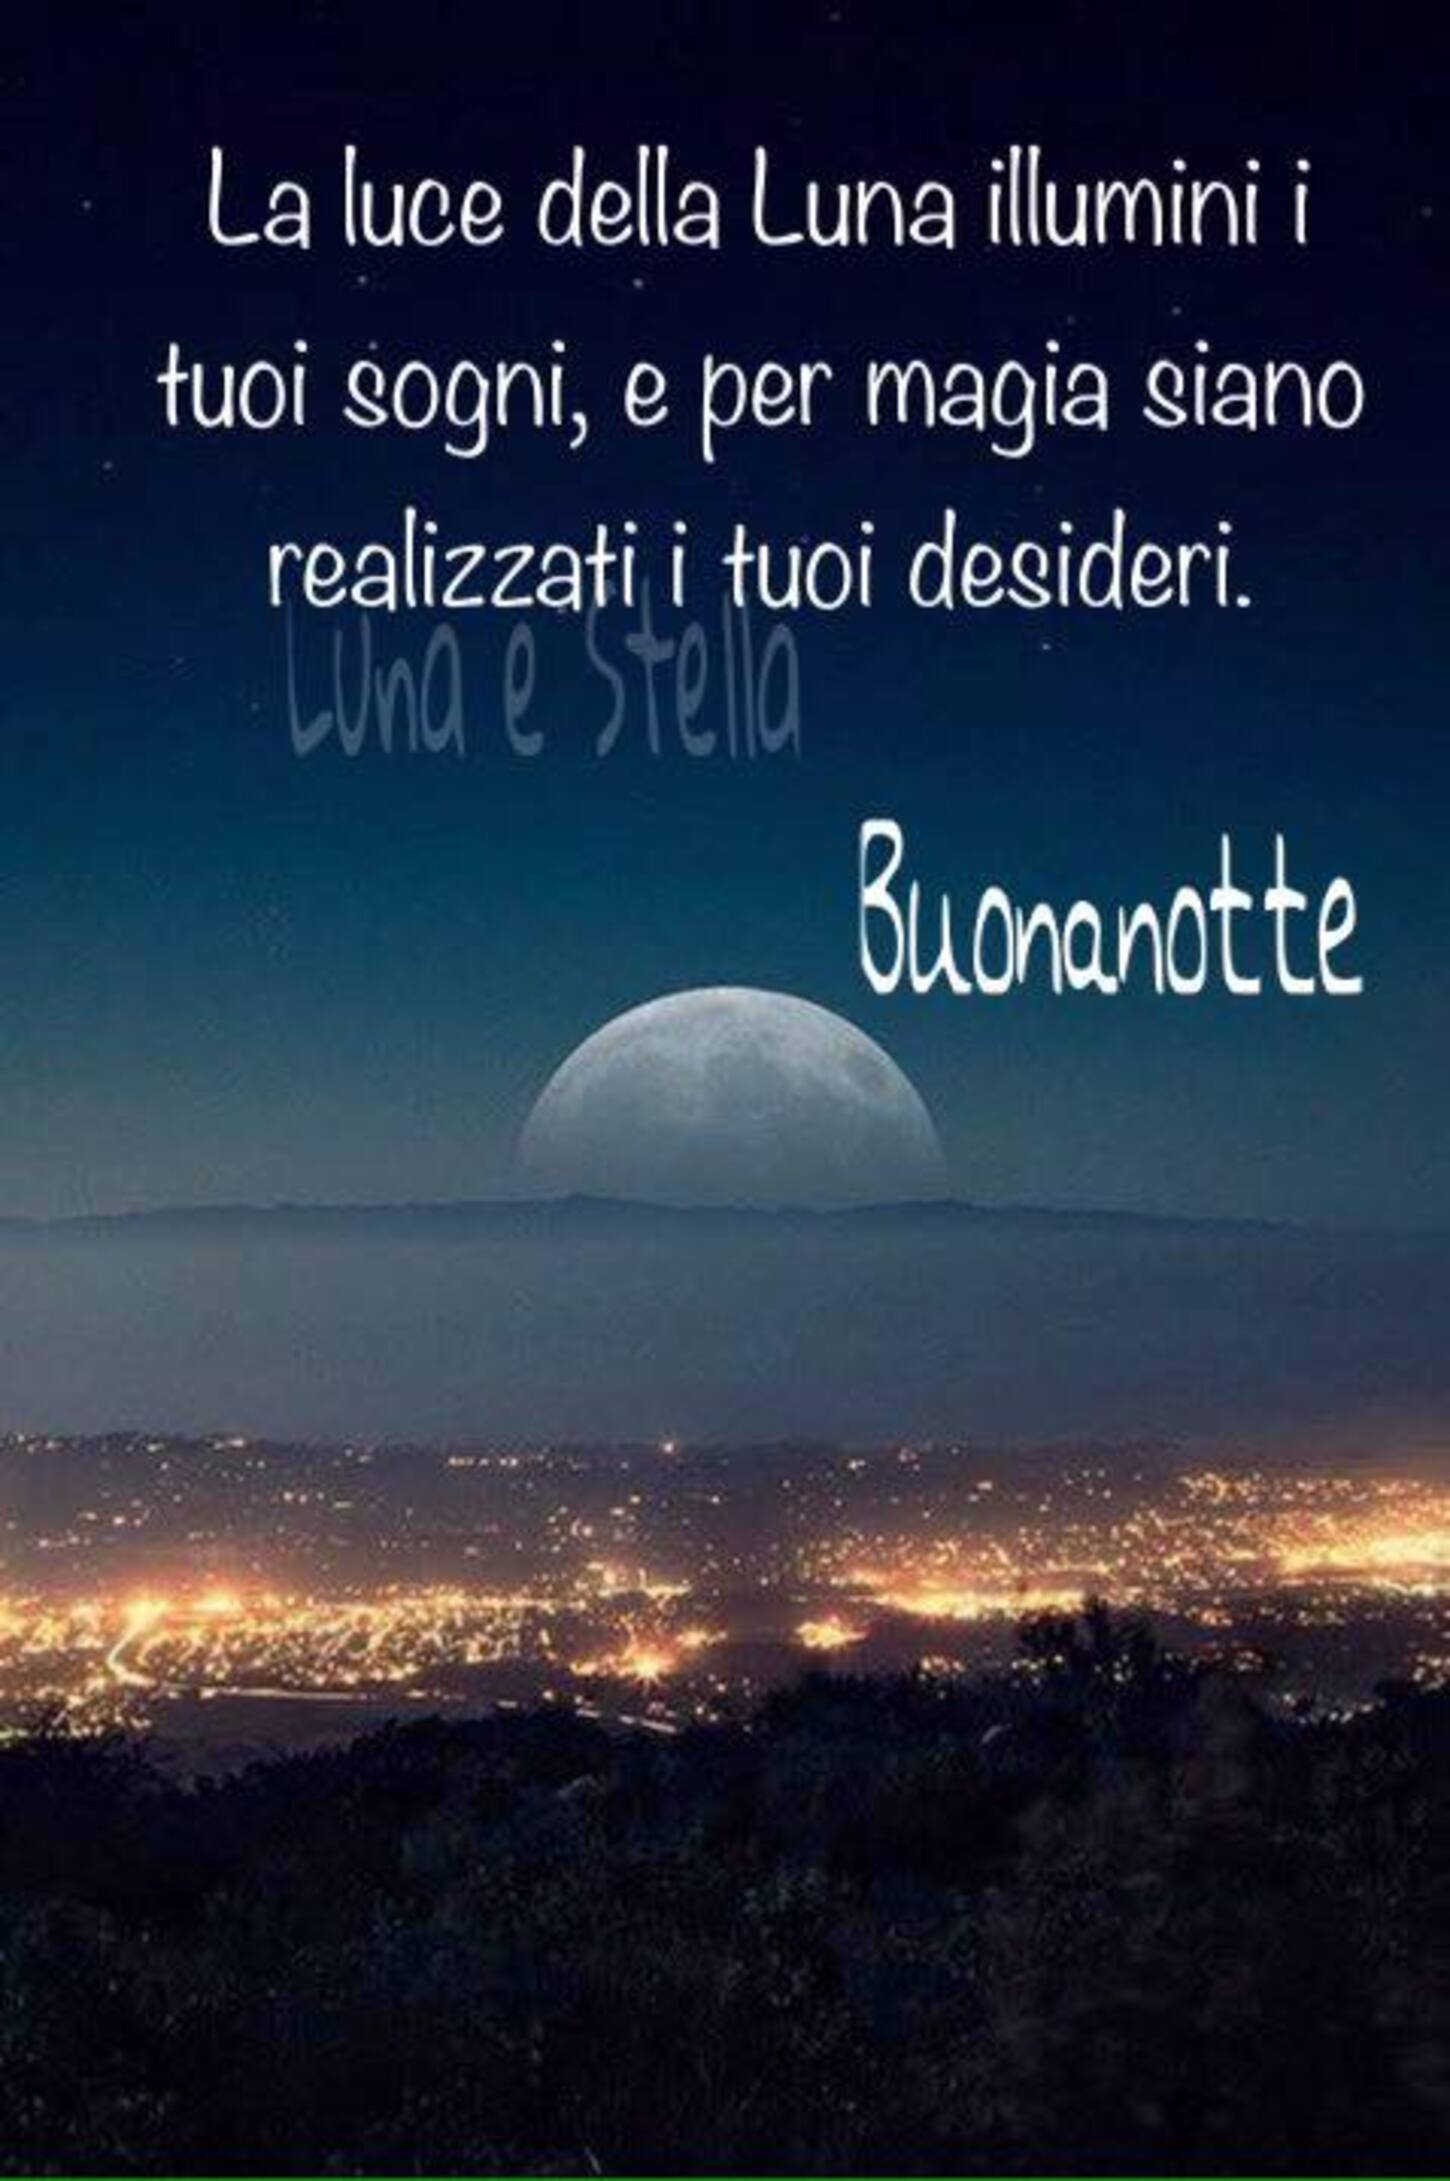 La luce della luna illumini i tuoi sogni e per magia siano realizzati i tuoi desideri. Buonanotte